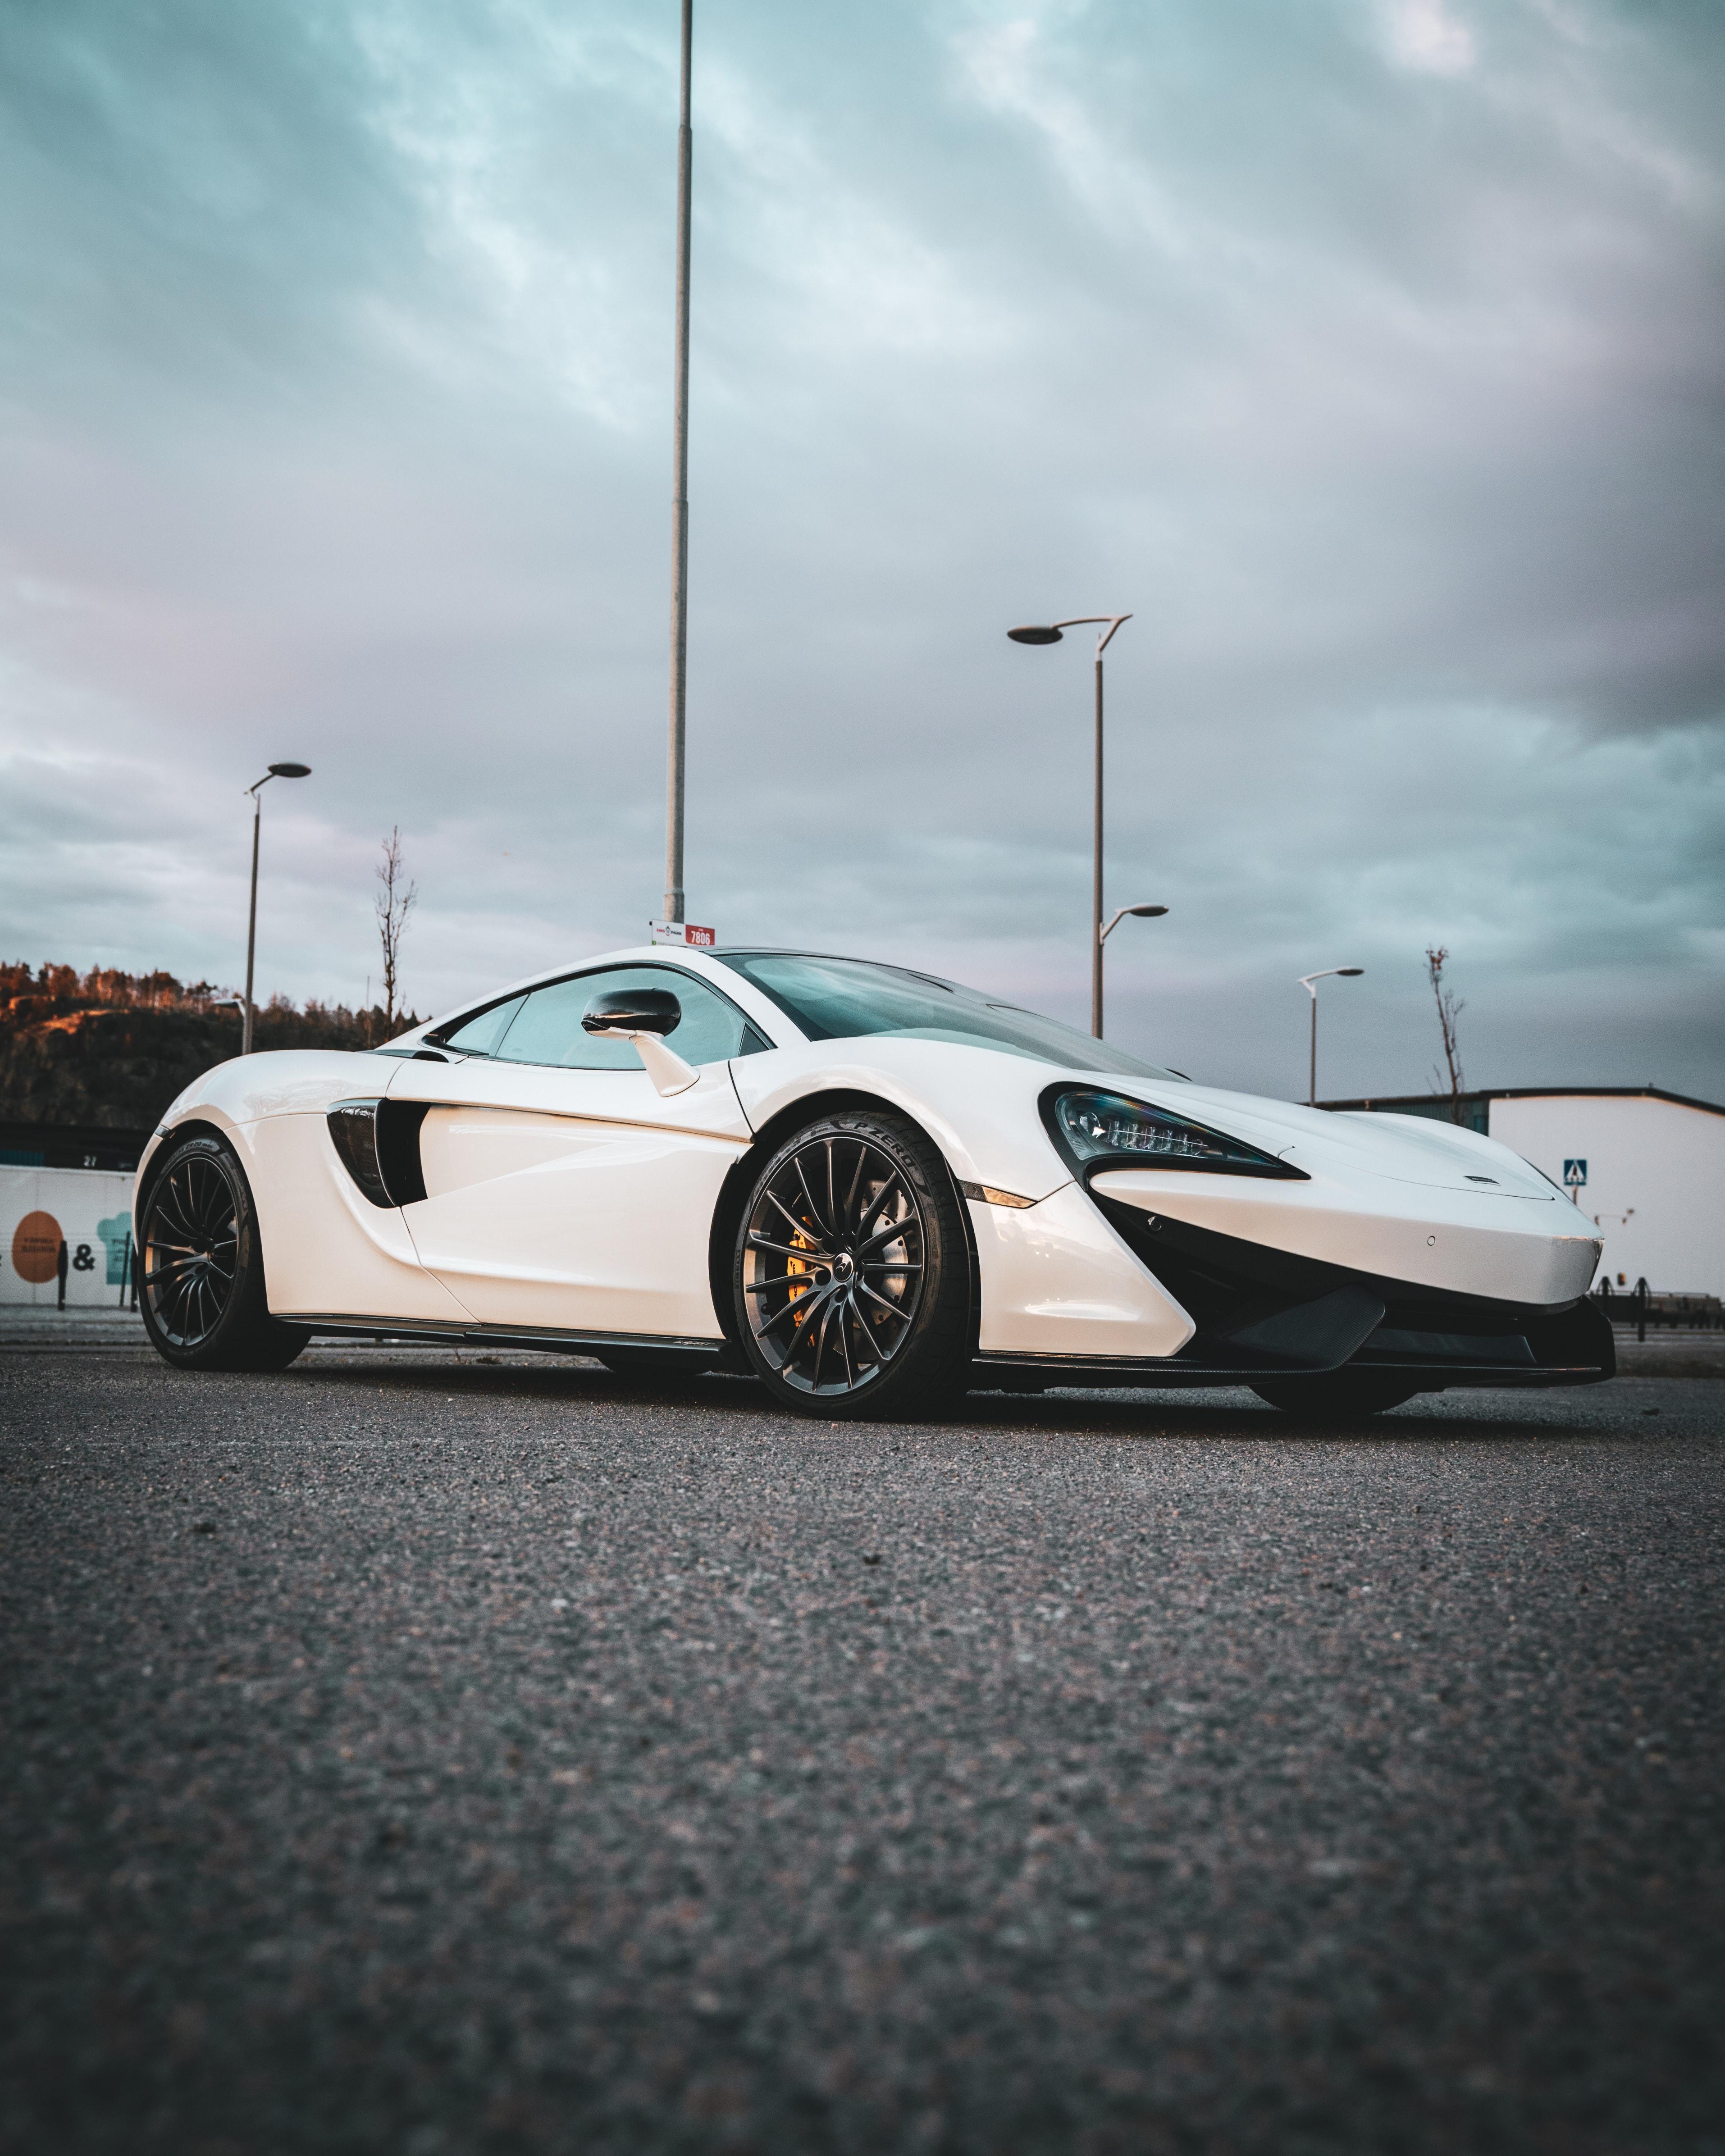 141317 скачать обои Bugatti Veyron, Тачки (Cars), Белый, Спорткар, Колесо - заставки и картинки бесплатно